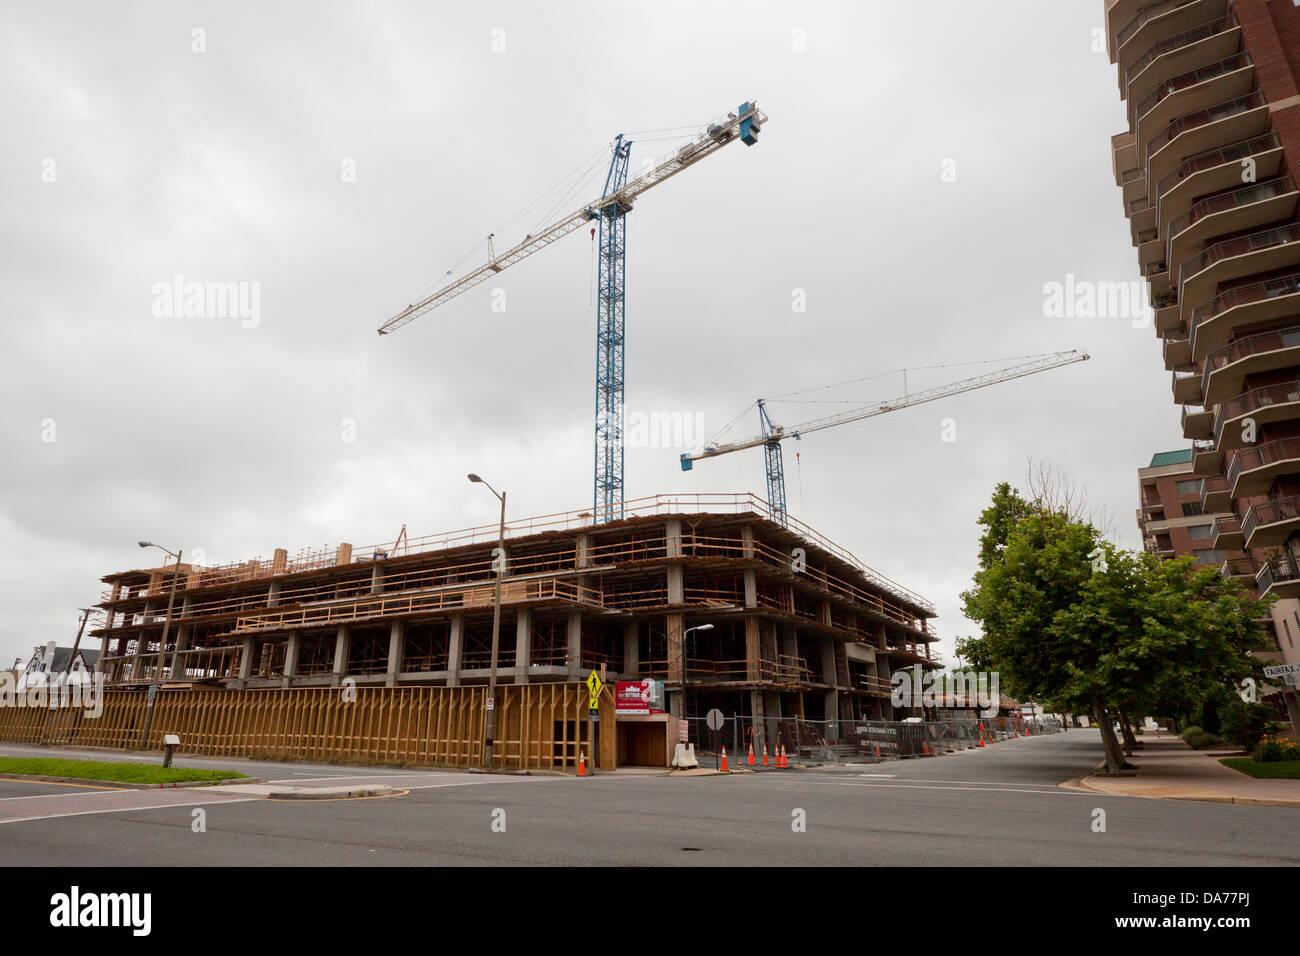 Krane über Baustelle Stockbild